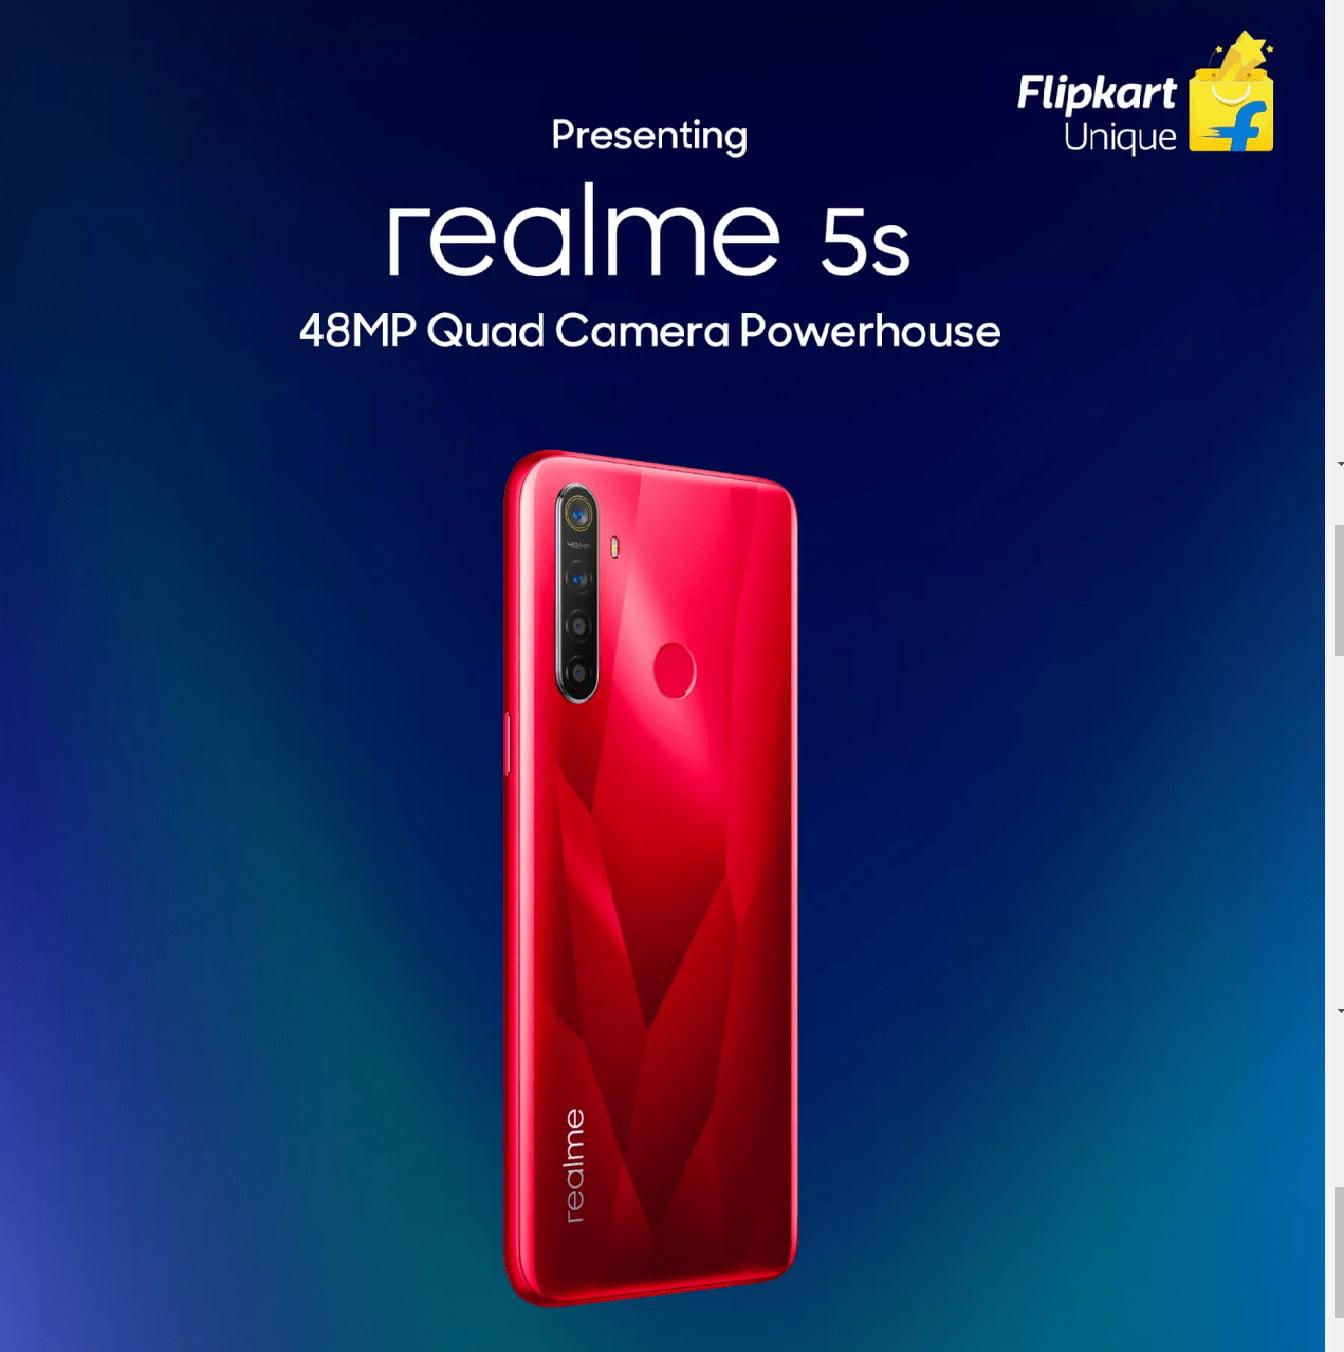 Realme 5s Design